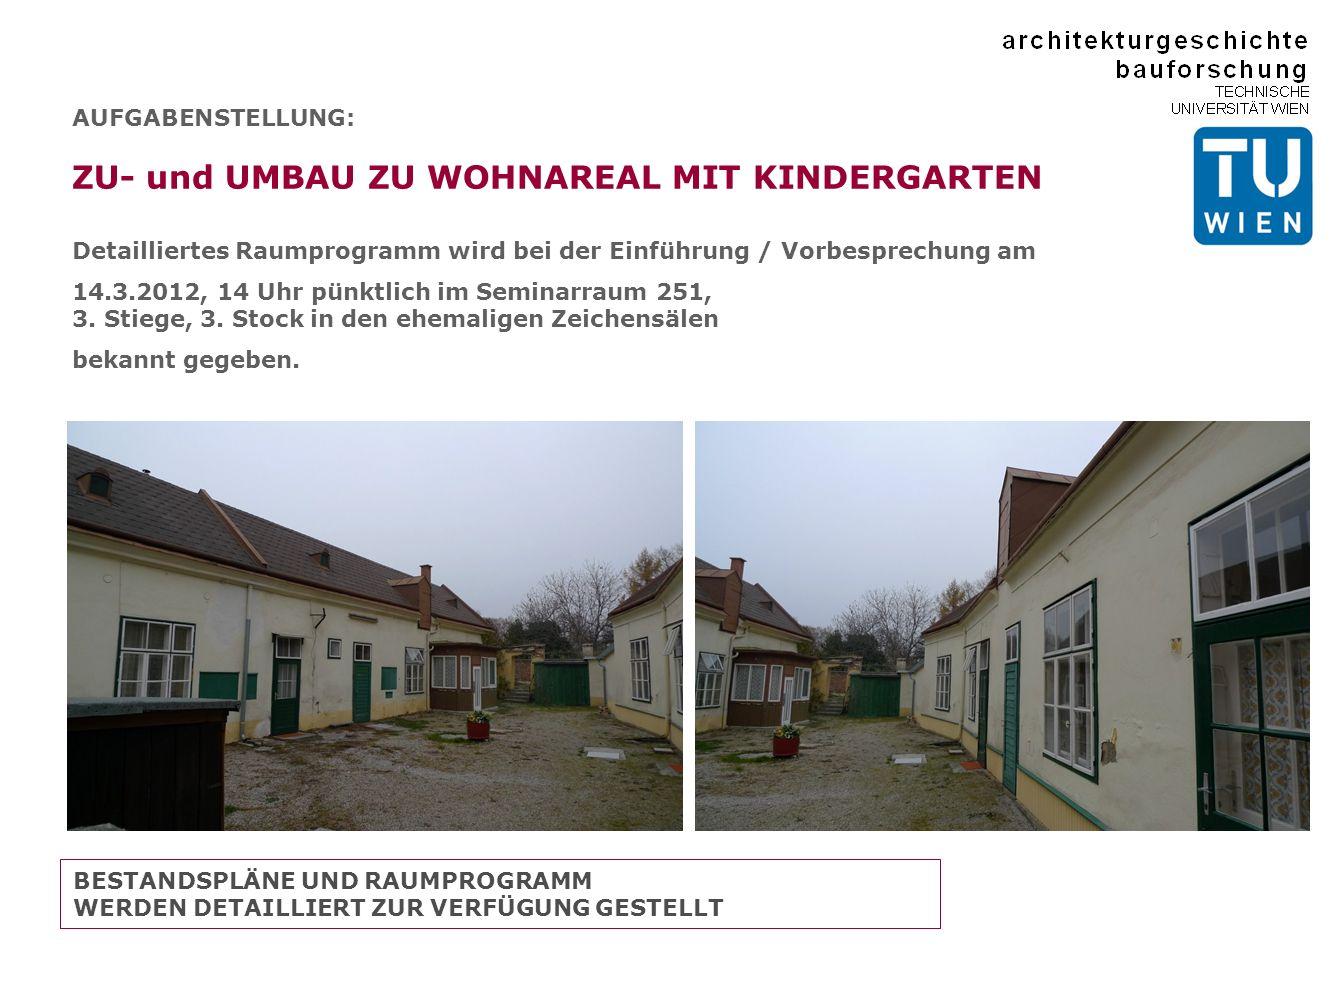 AUFGABENSTELLUNG: ZU- und UMBAU ZU WOHNAREAL MIT KINDERGARTEN Detailliertes Raumprogramm wird bei der Einführung / Vorbesprechung am 14.3.2012, 14 Uhr pünktlich im Seminarraum 251, 3.